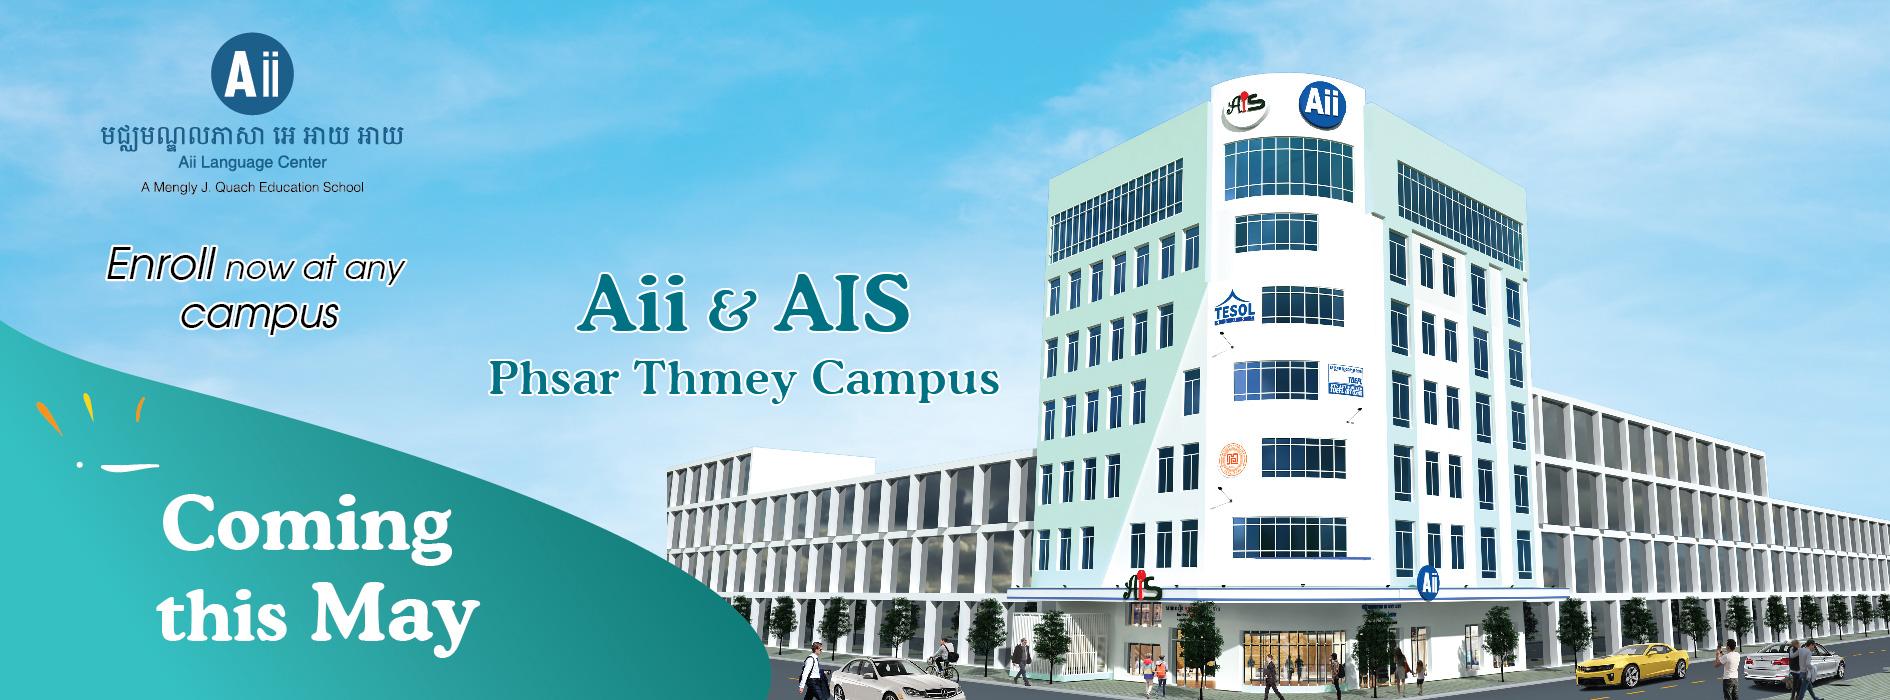 PT-Campus